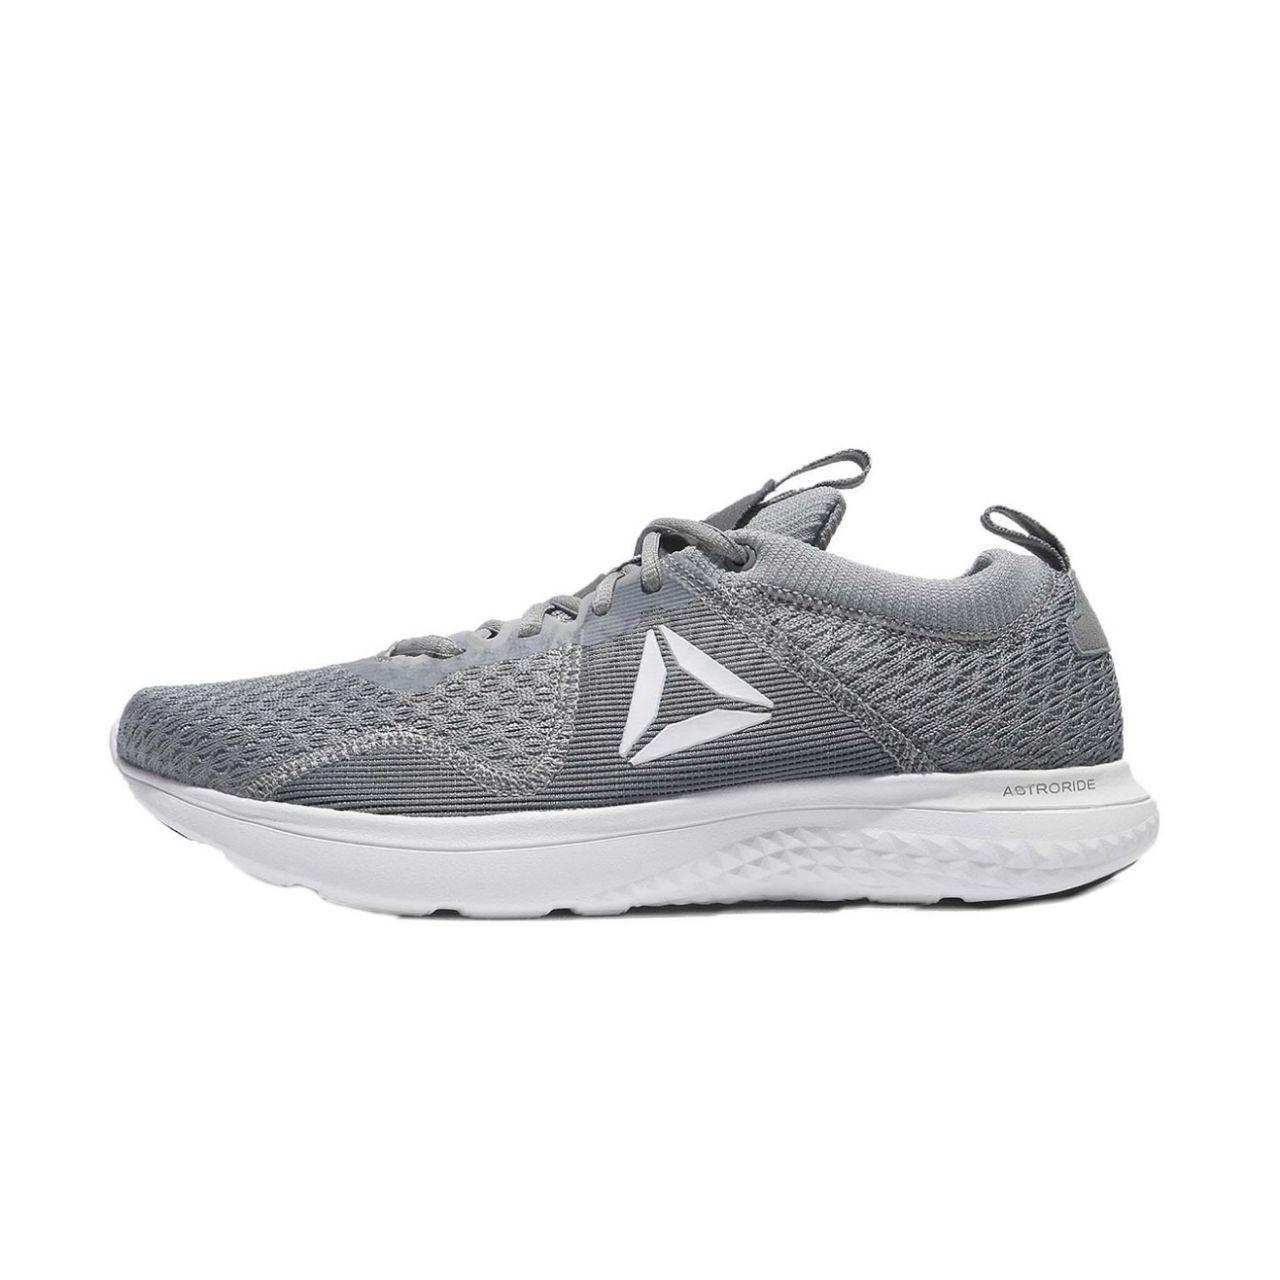 قیمت کفش مخصوص دویدن مردانه ریباک مدل Astroride Run Fire BS8365